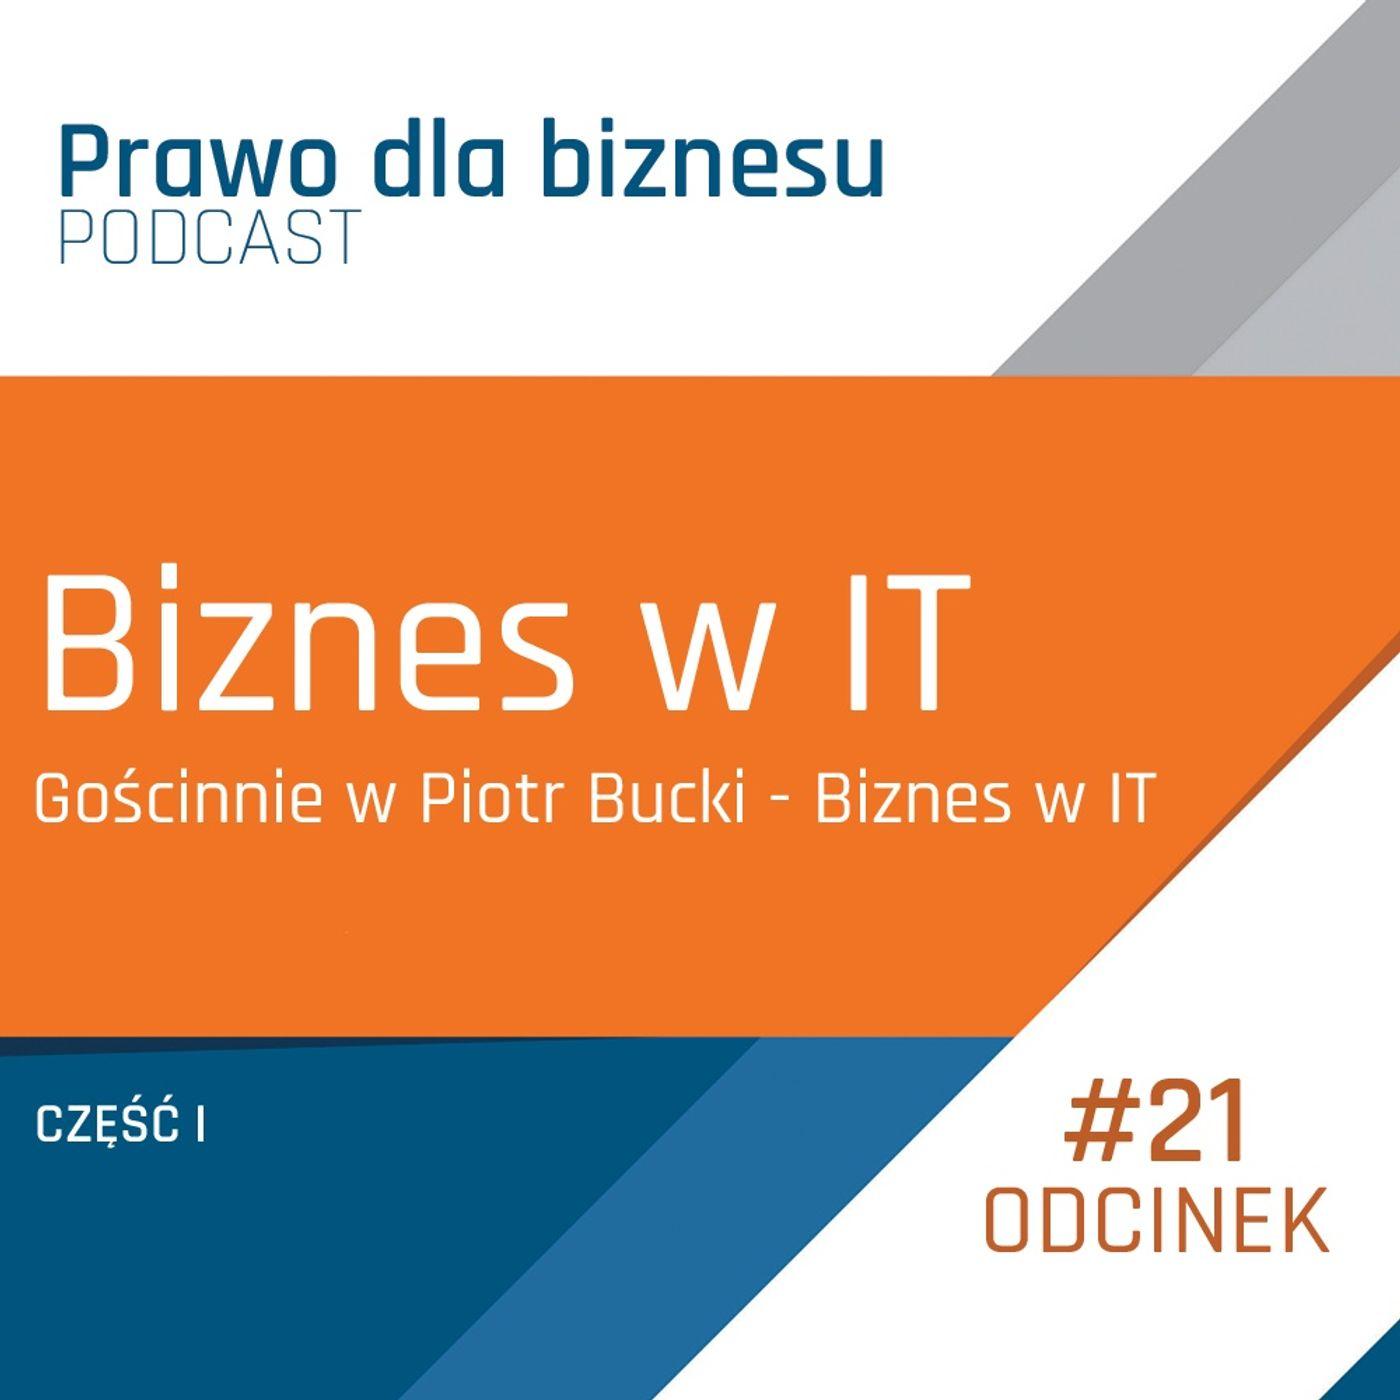 Biznes w IT część pierwsza (Gościnnie w Piotr Bucki - Biznes w IT)